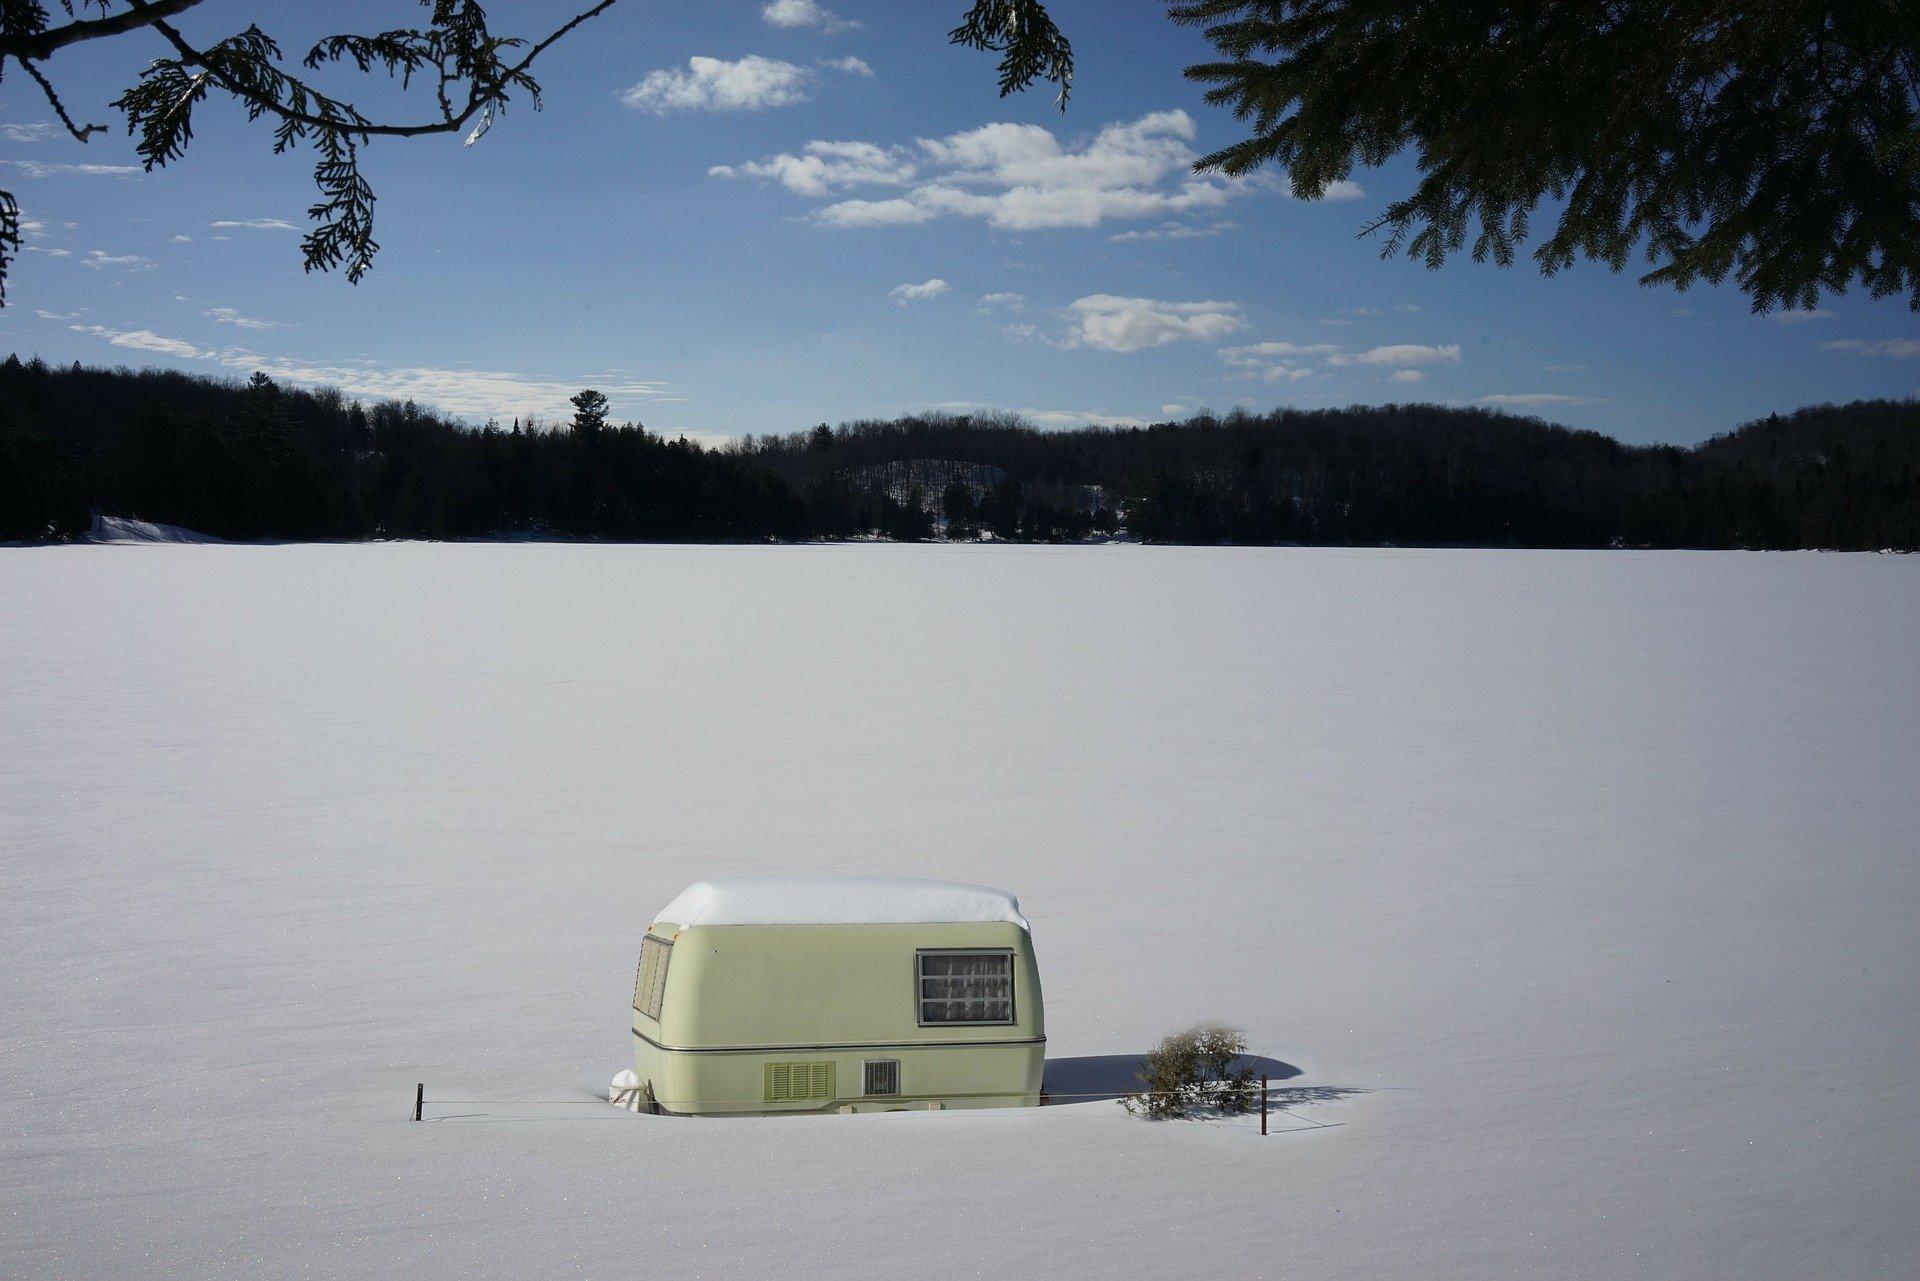 Top 10 Tips for Winter Caravanning